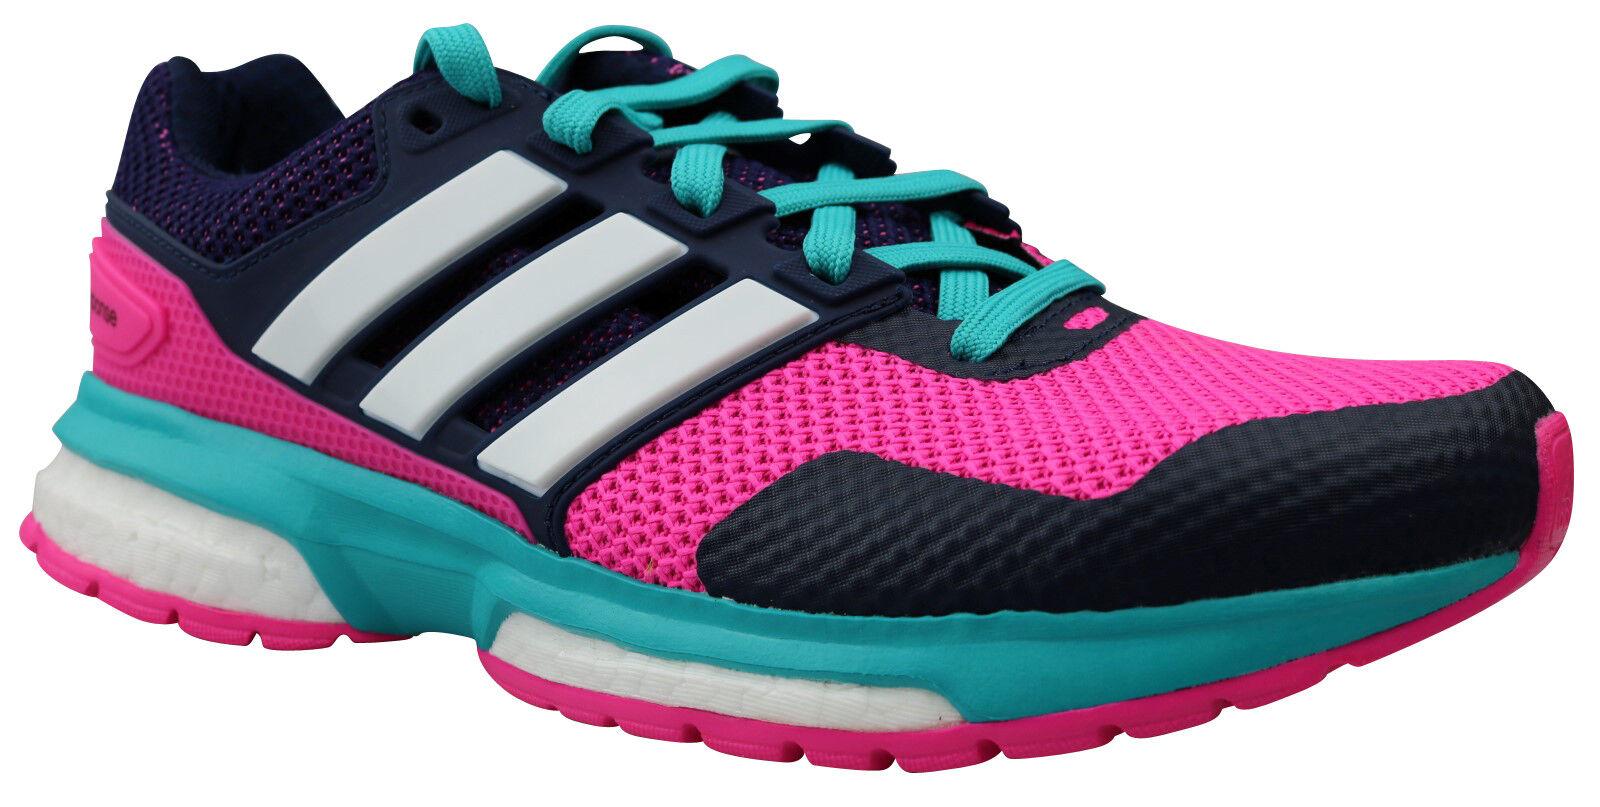 Adidas W Response Boost 2 Techfit W Adidas Damen Laufschuhe S41912 Gr. 36 - 40 NEU & OVP cbd282